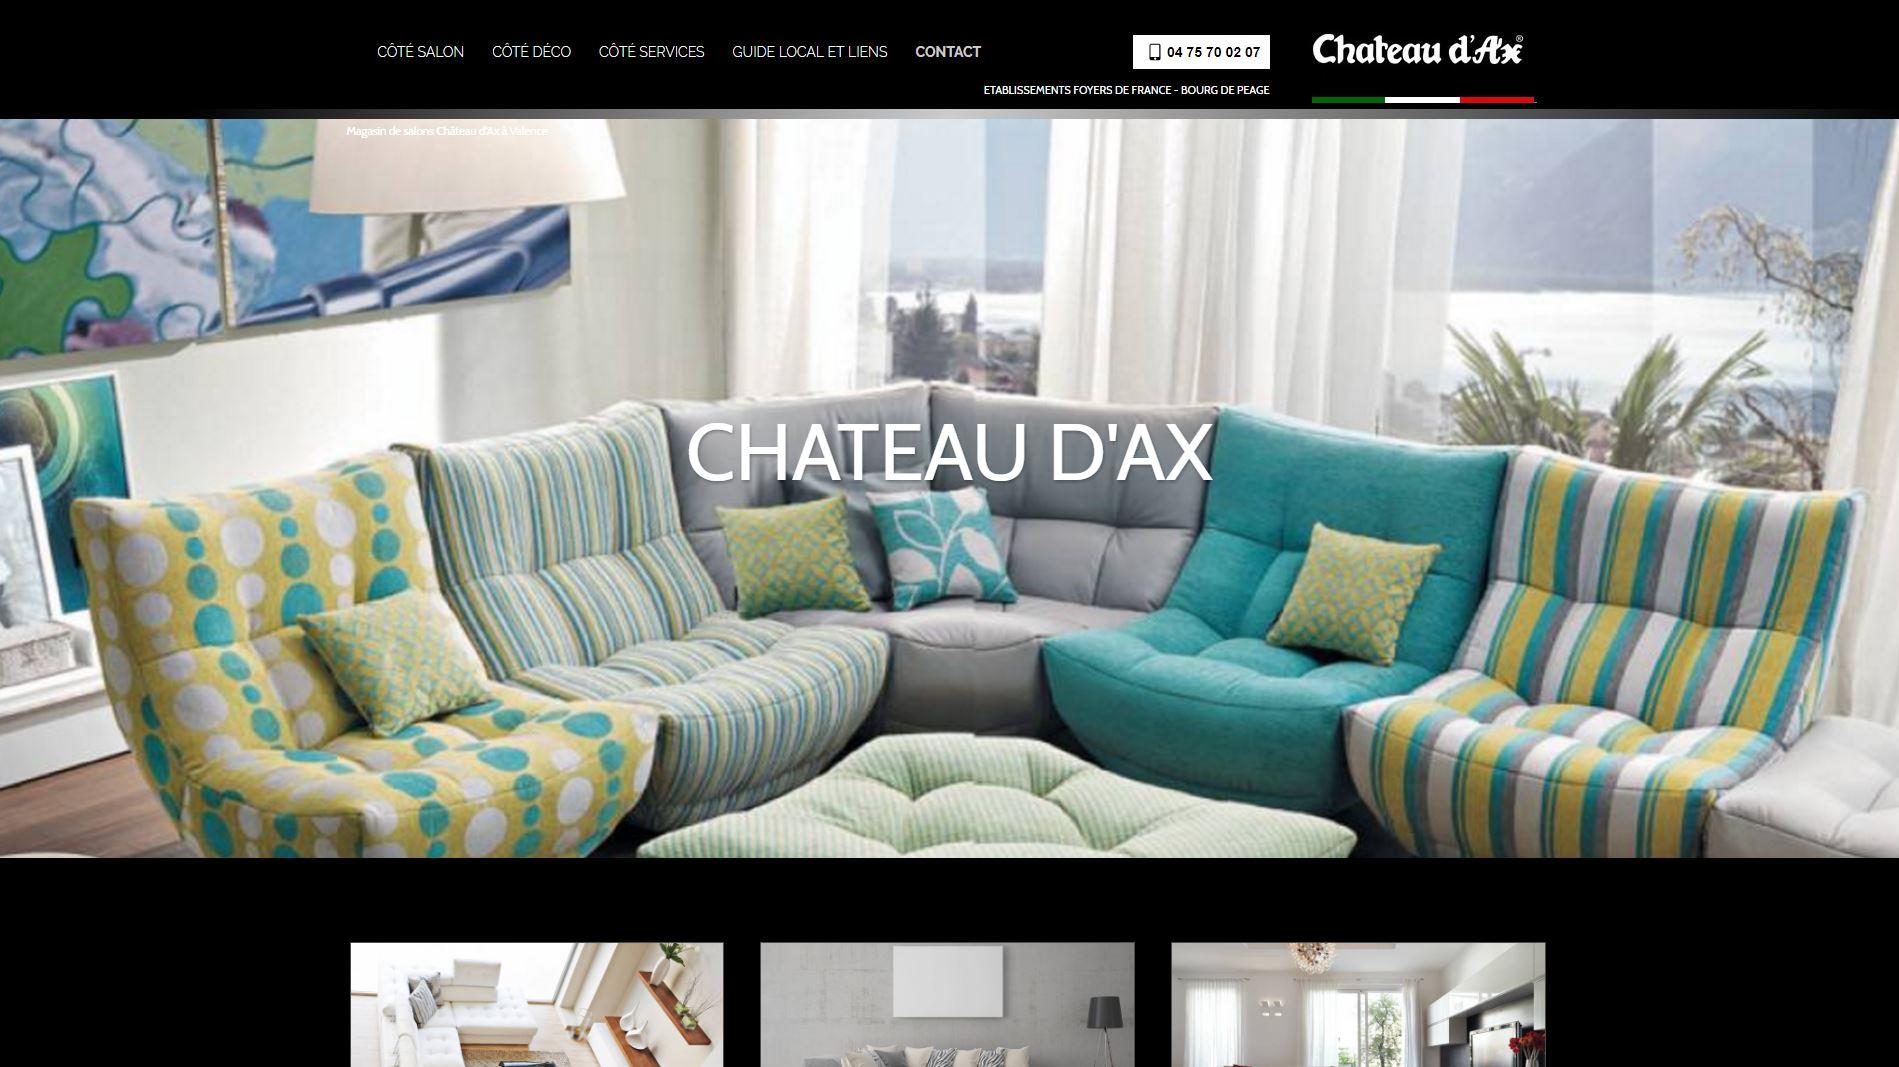 vente de salons et canap s design valence ch teau d 39 ax jalis. Black Bedroom Furniture Sets. Home Design Ideas